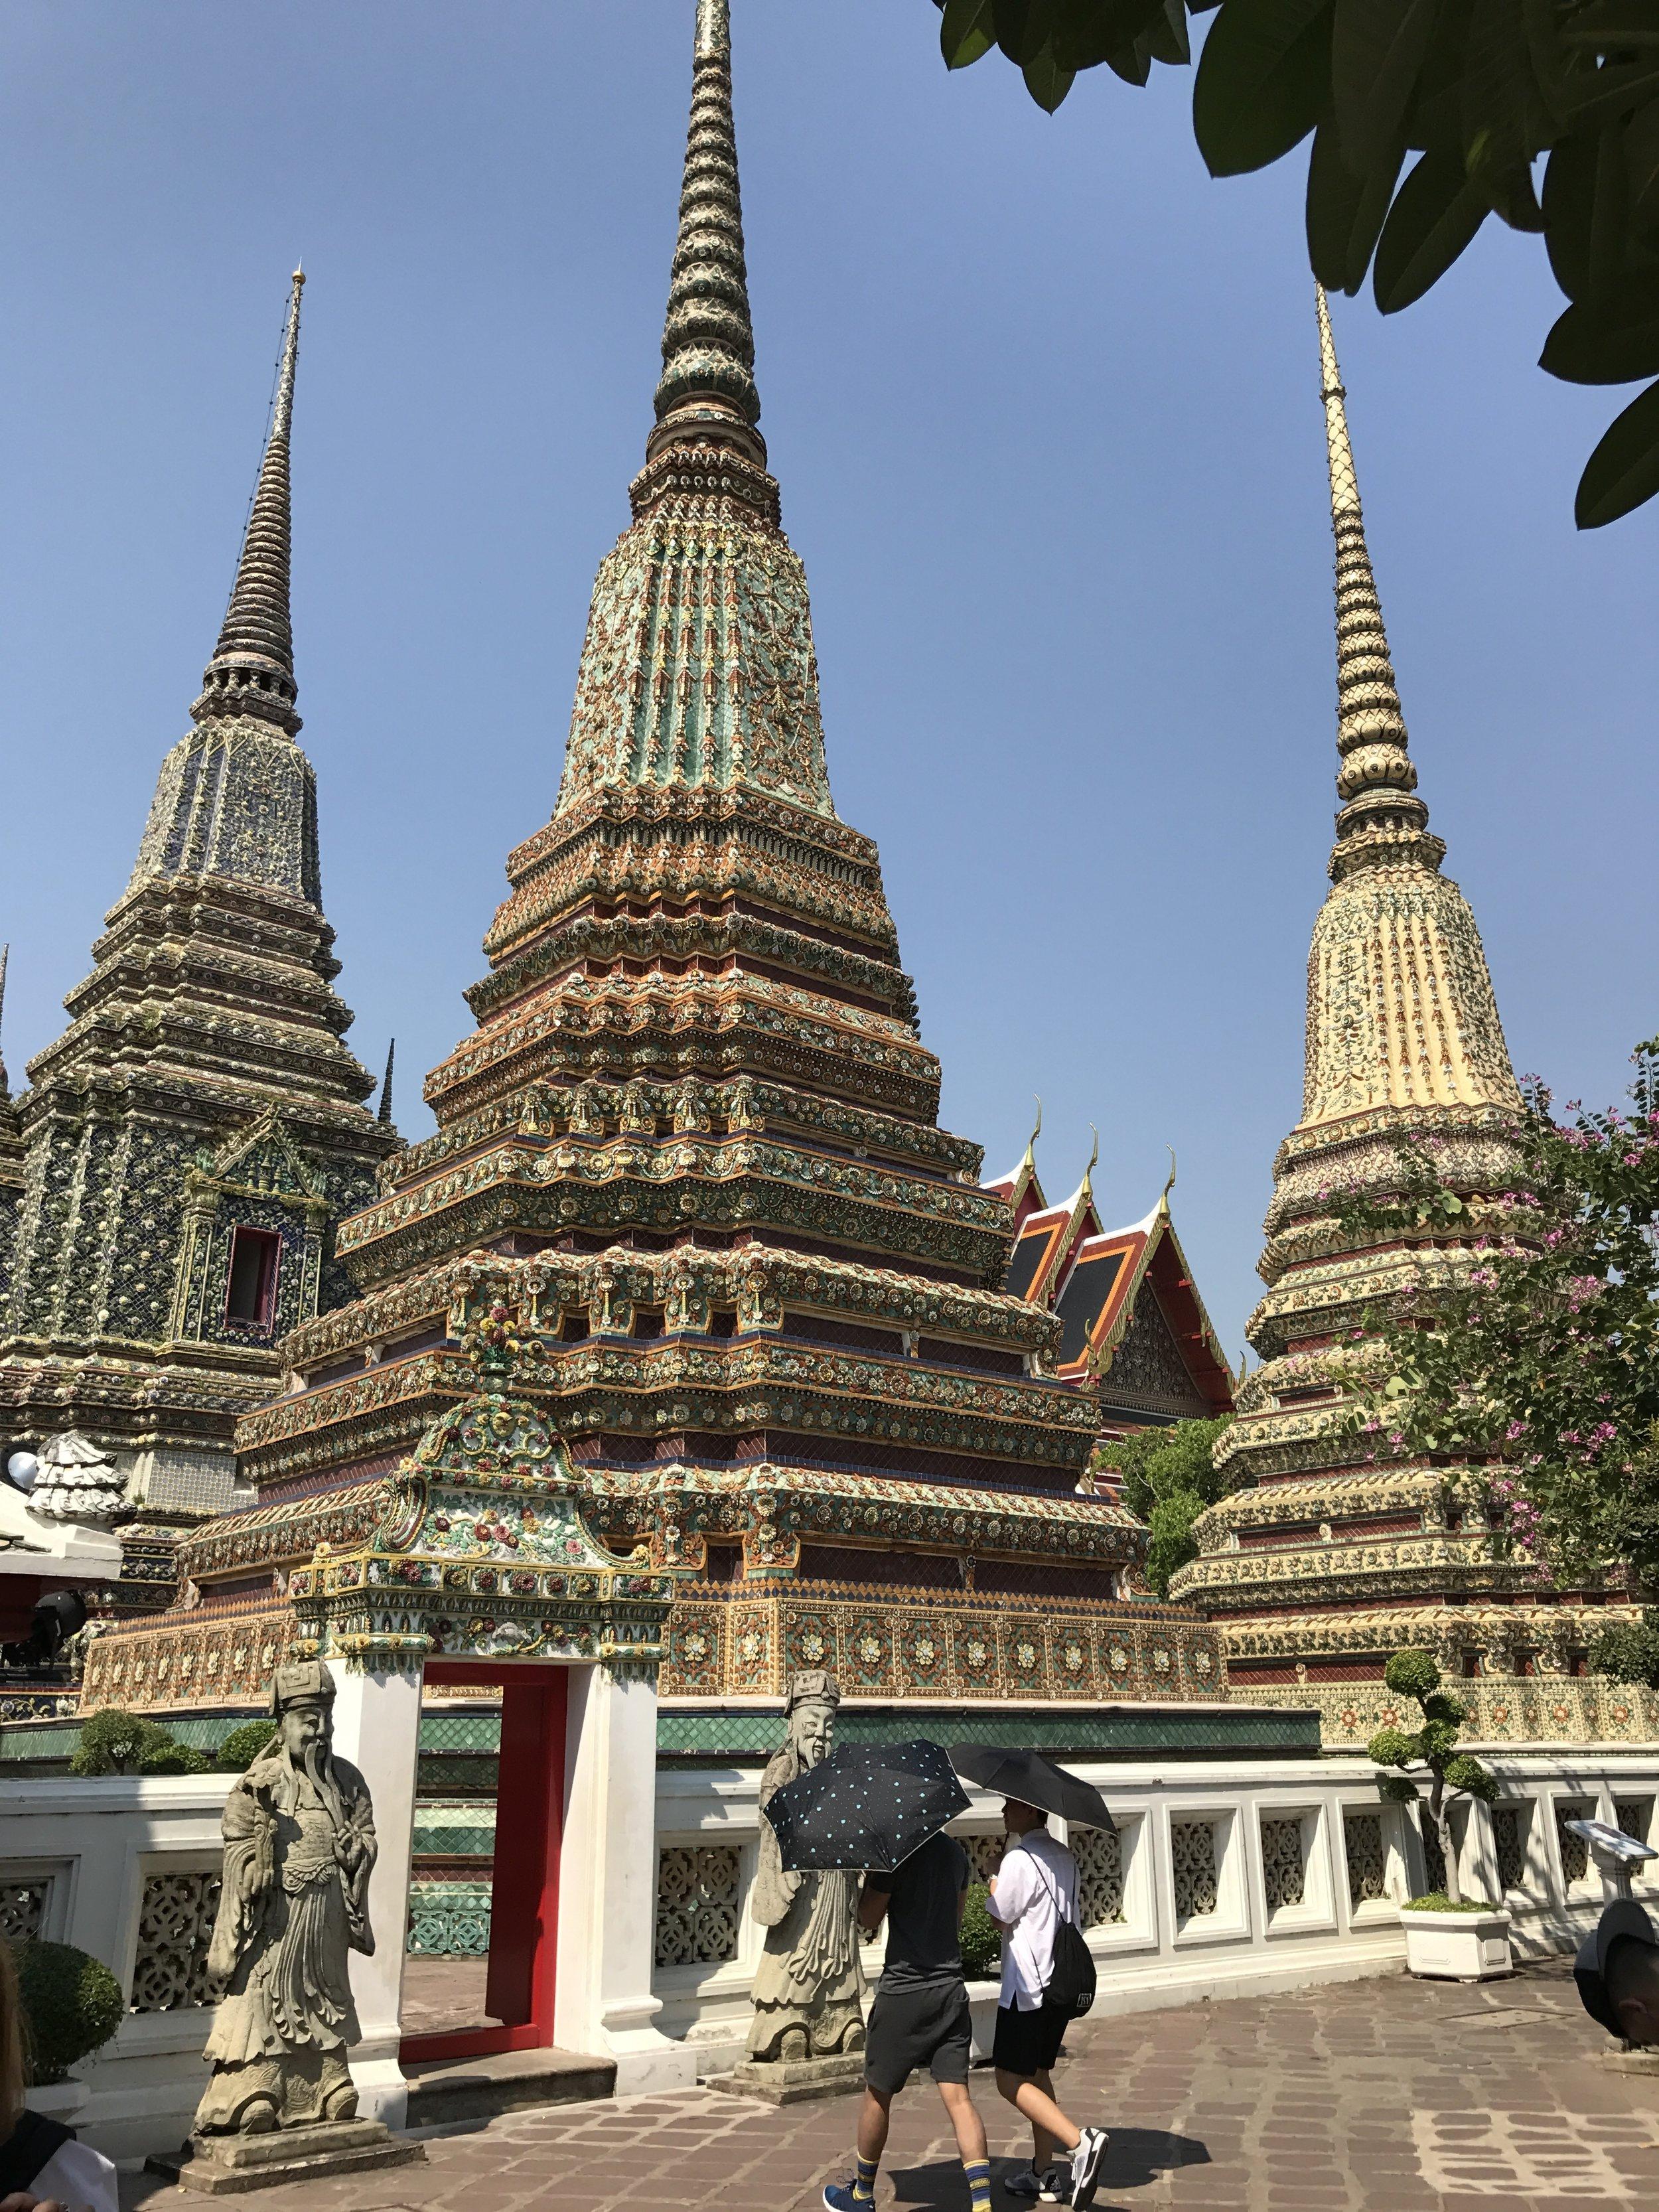 Wat Pho temple in Bangkok.